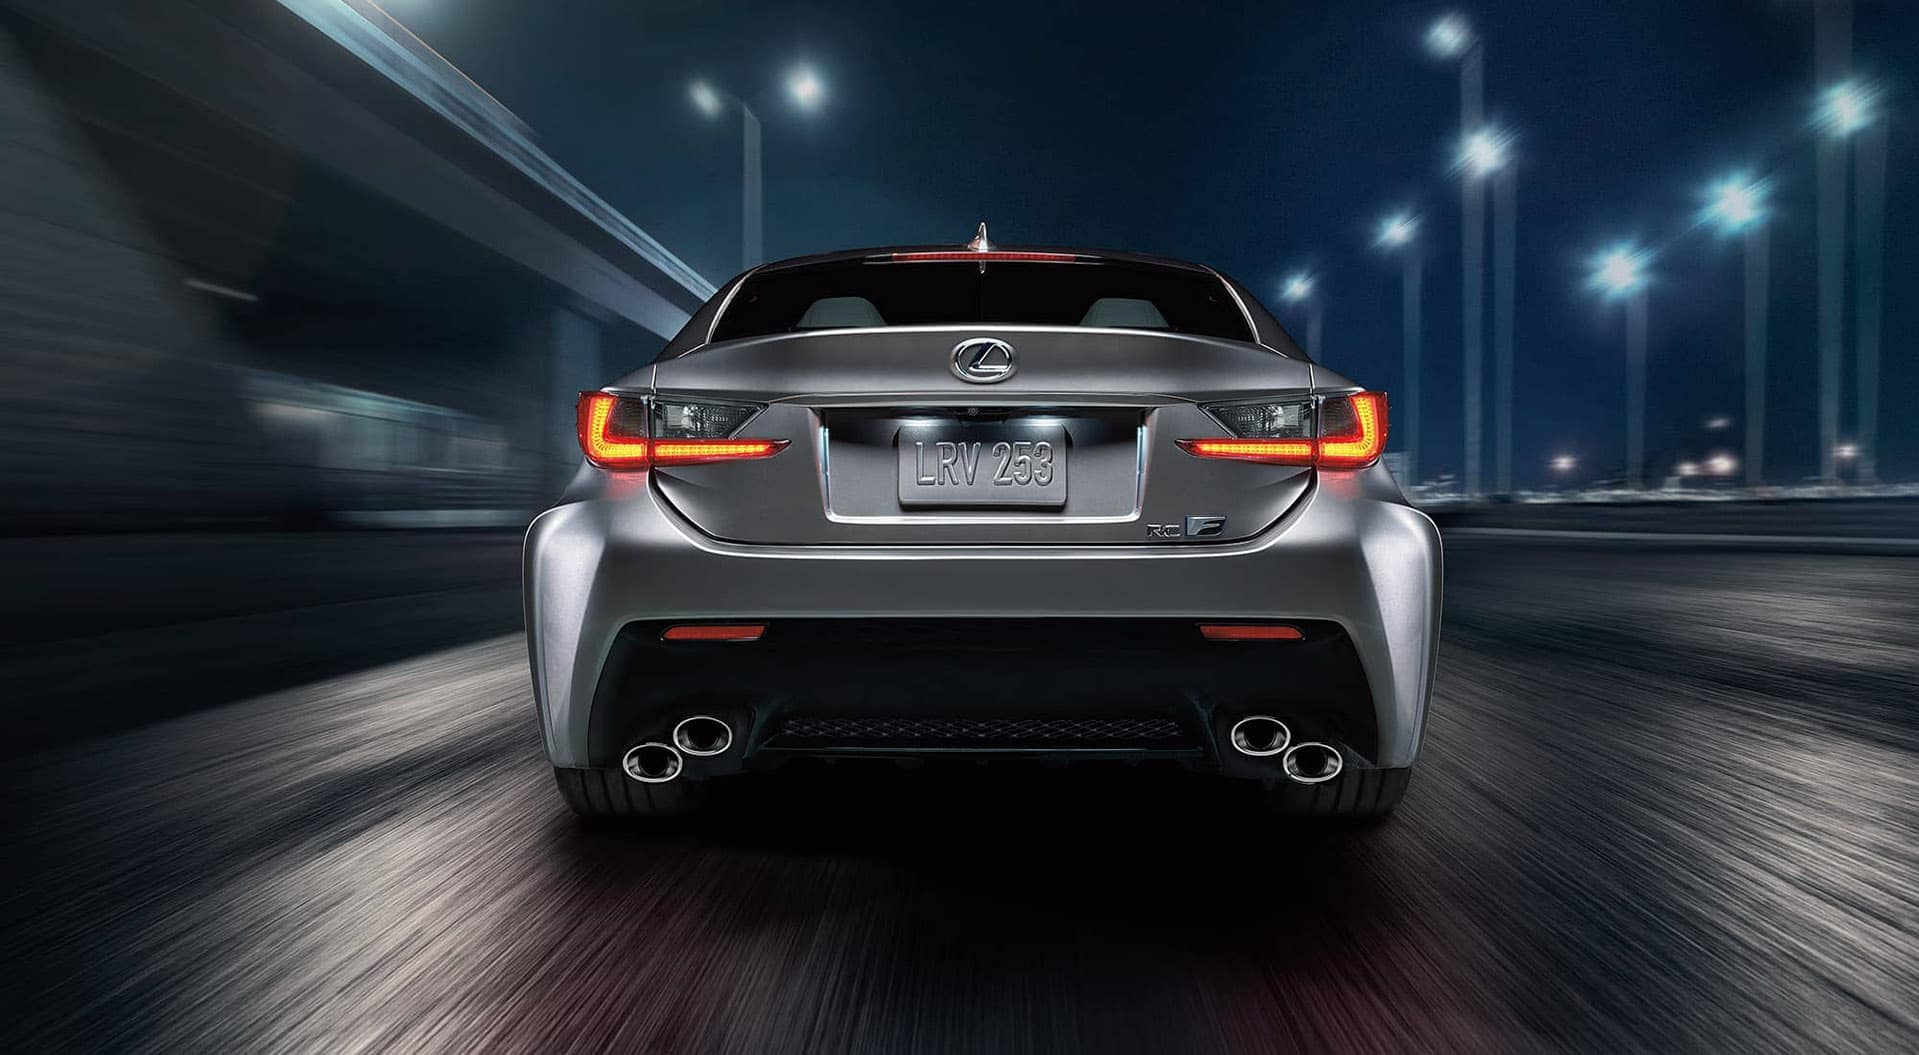 2018 Lexus rear